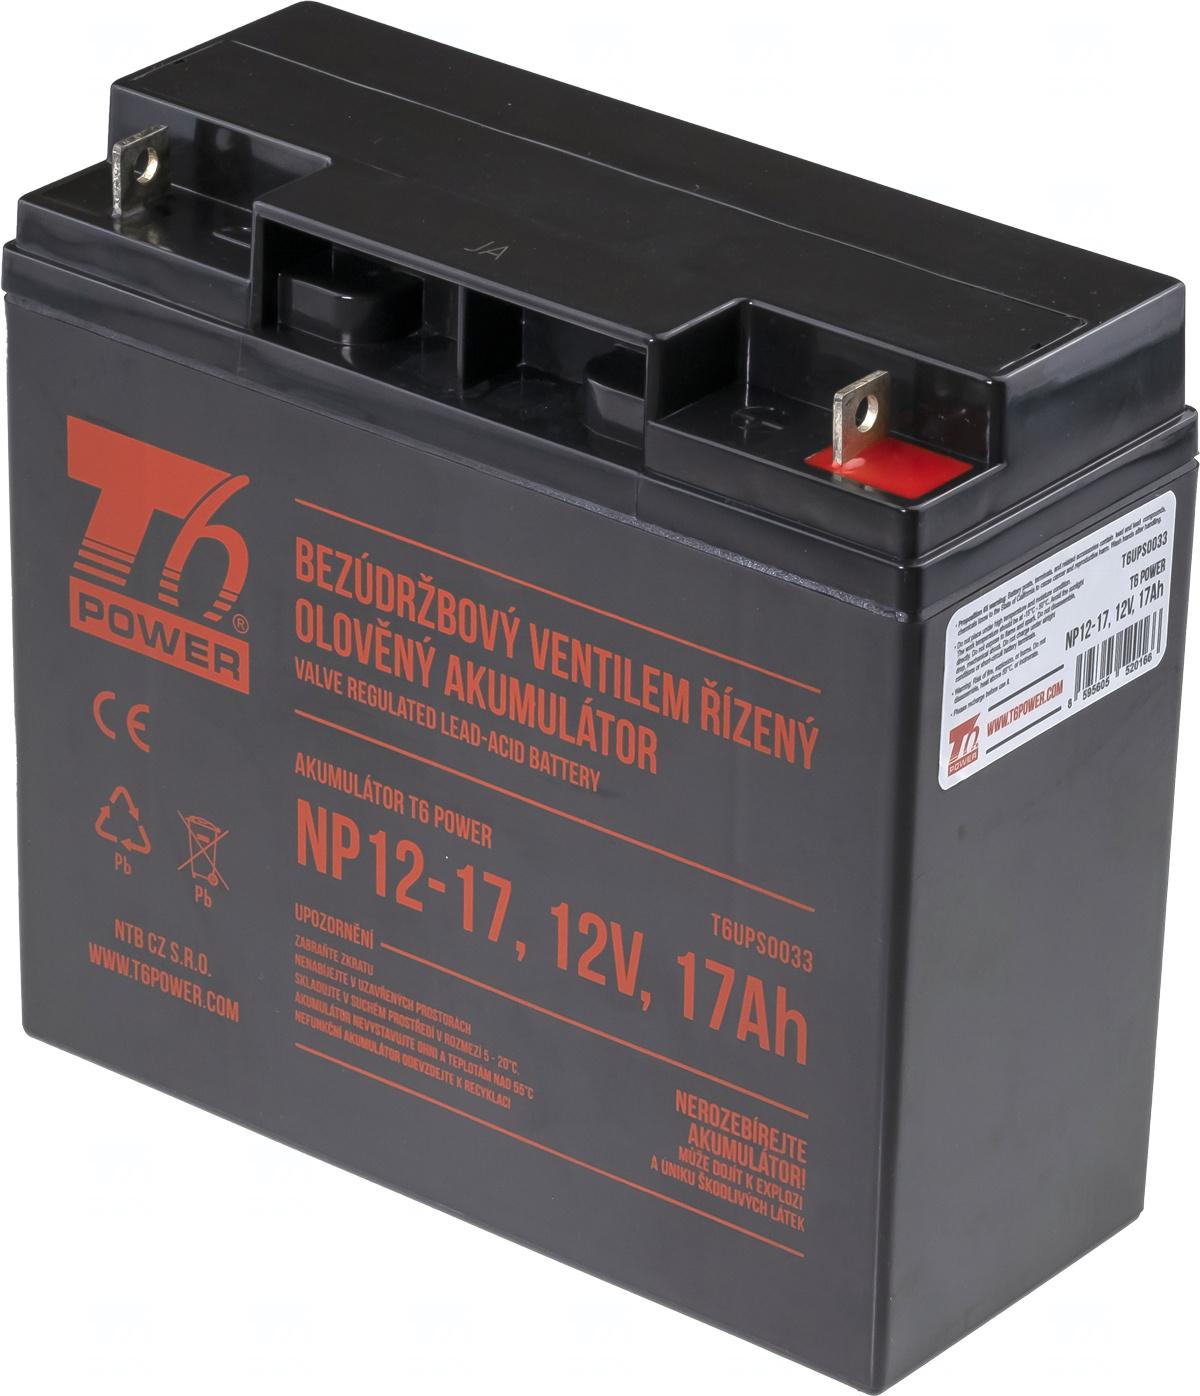 Akumulátor T6 Power NP12-17, 12V, 17Ah